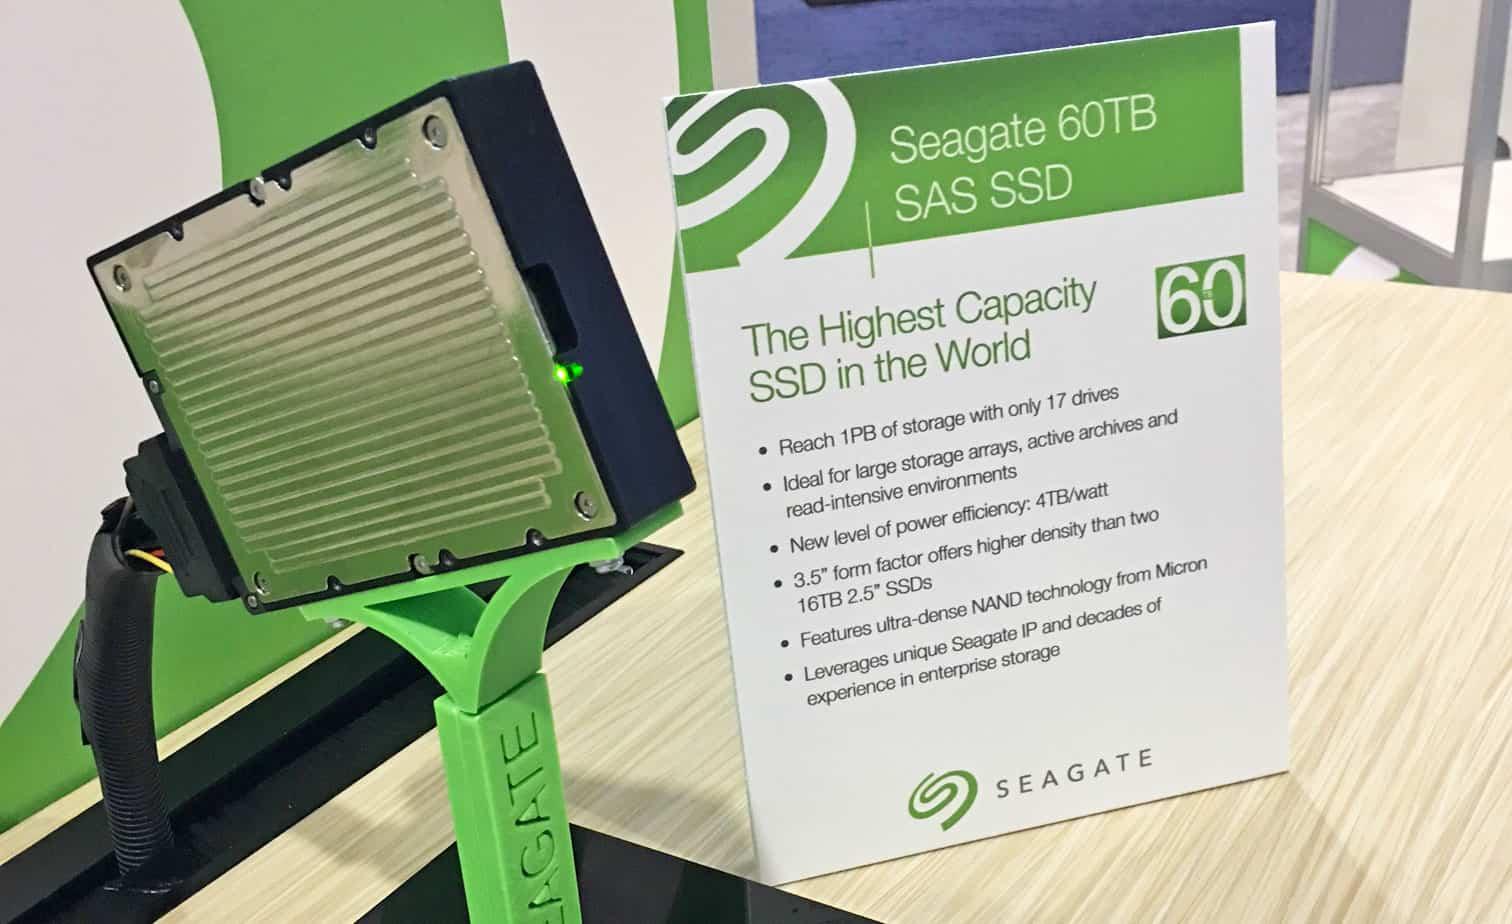 disco duro seagate de 60 TB SSD